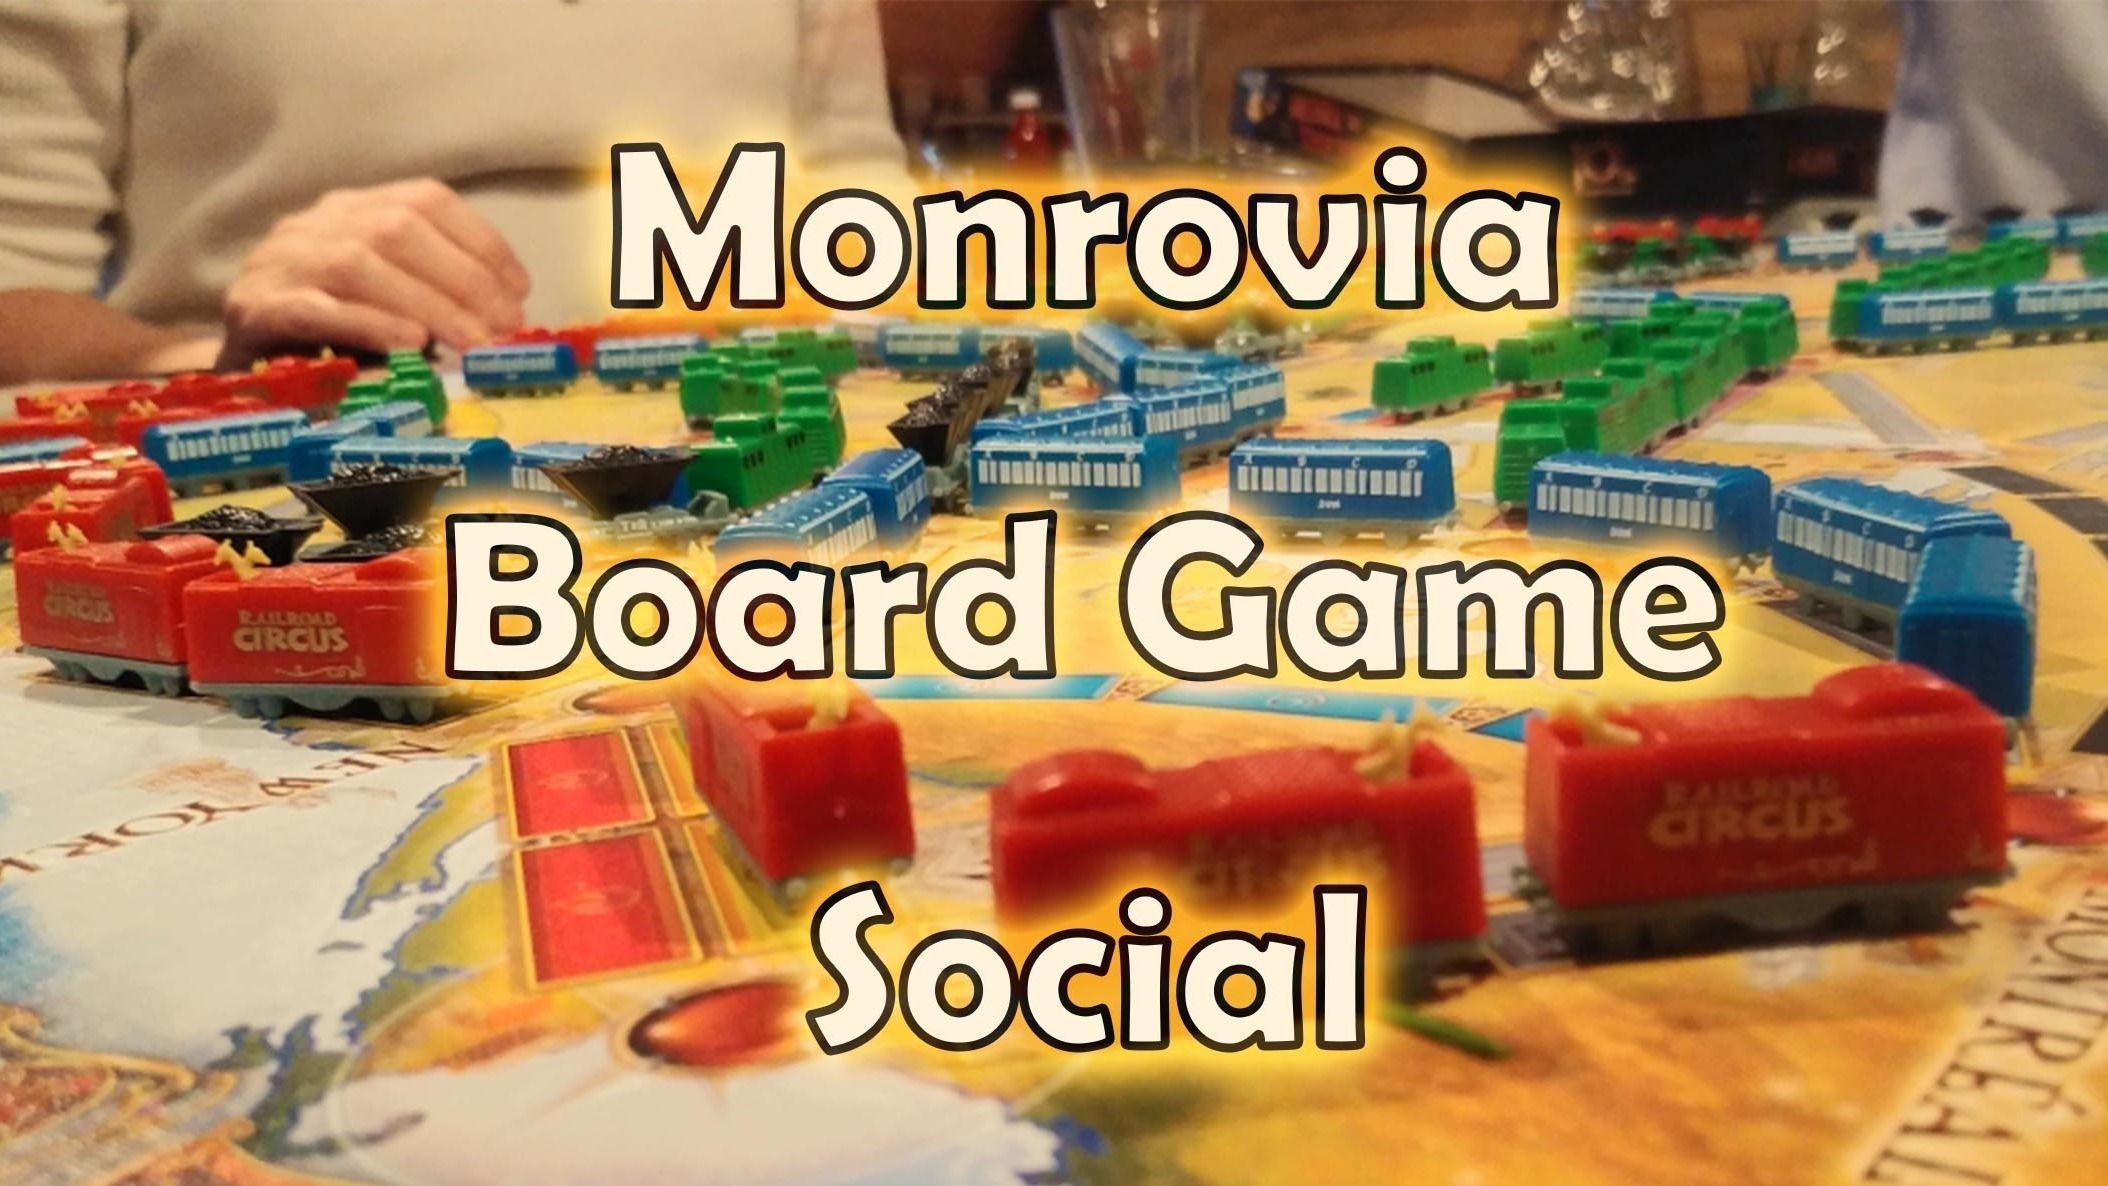 Monrovia Board Game Social